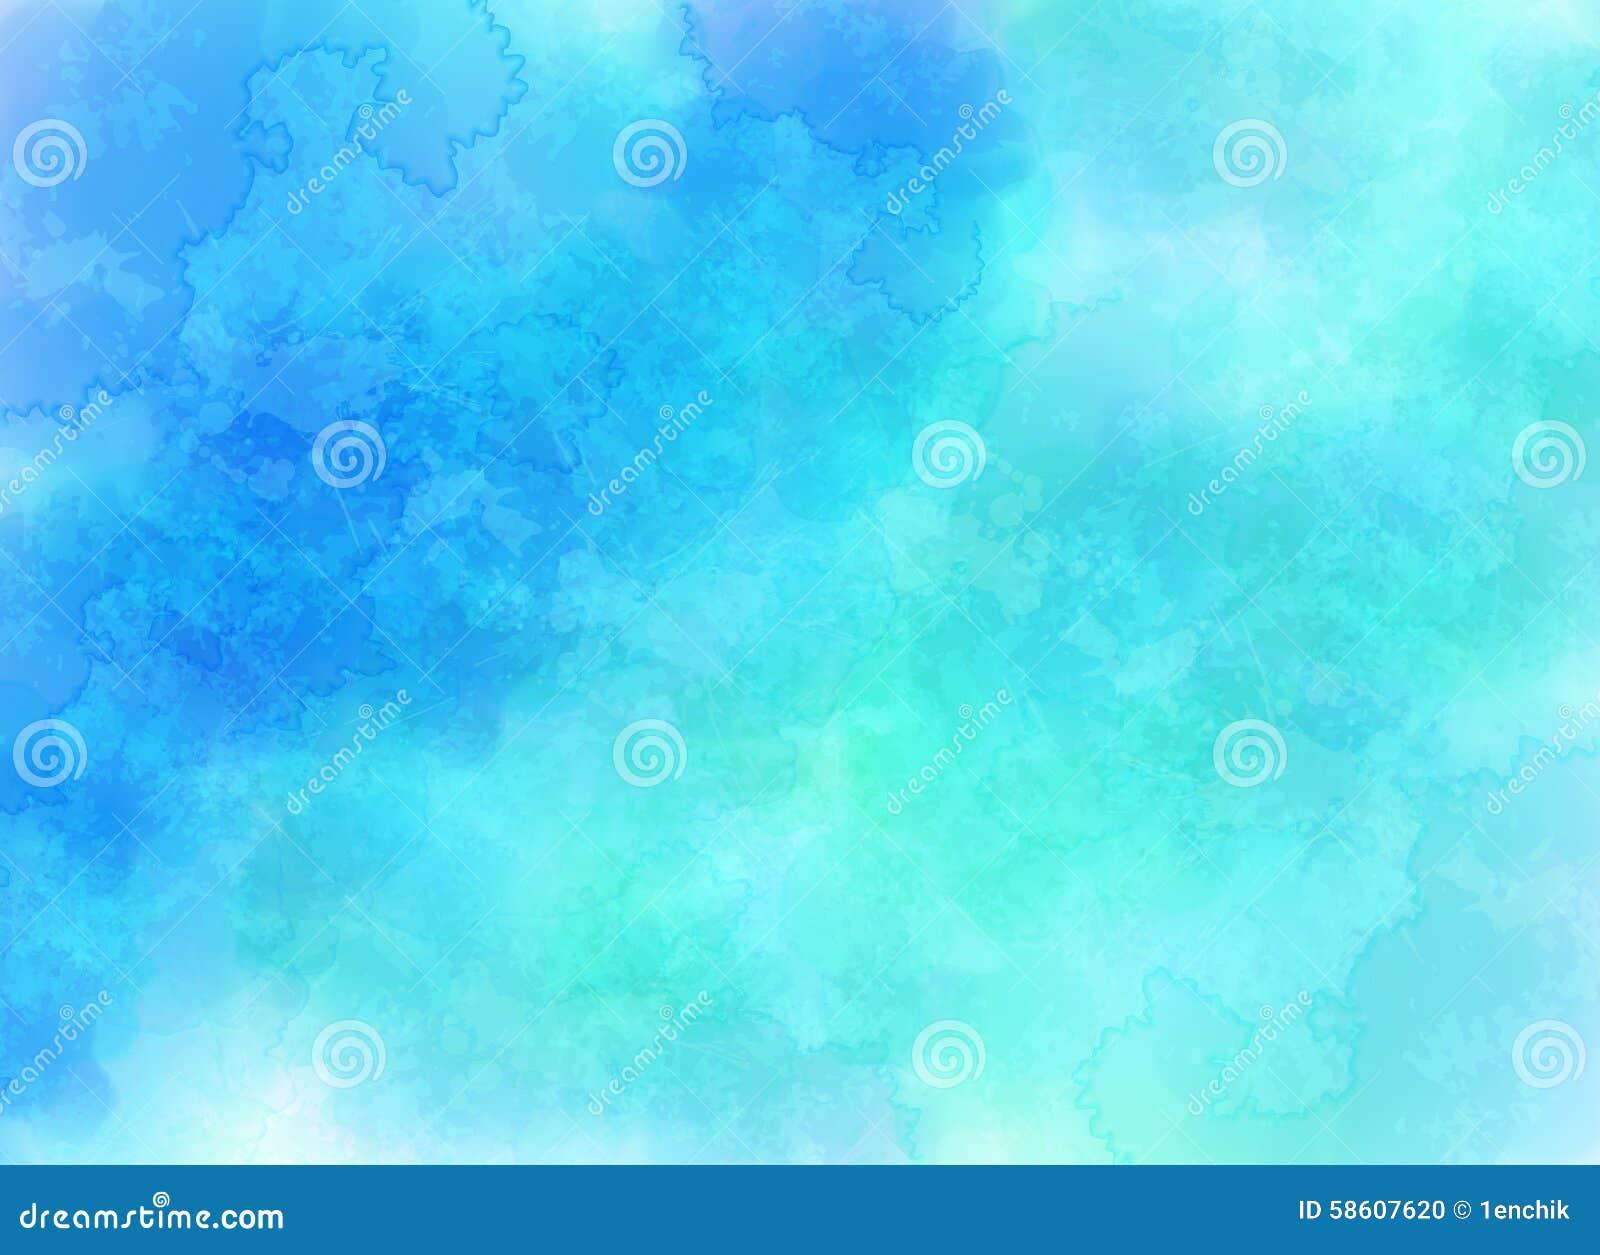 Blauer Vektor bewölkt Hintergrund in der Aquarellart